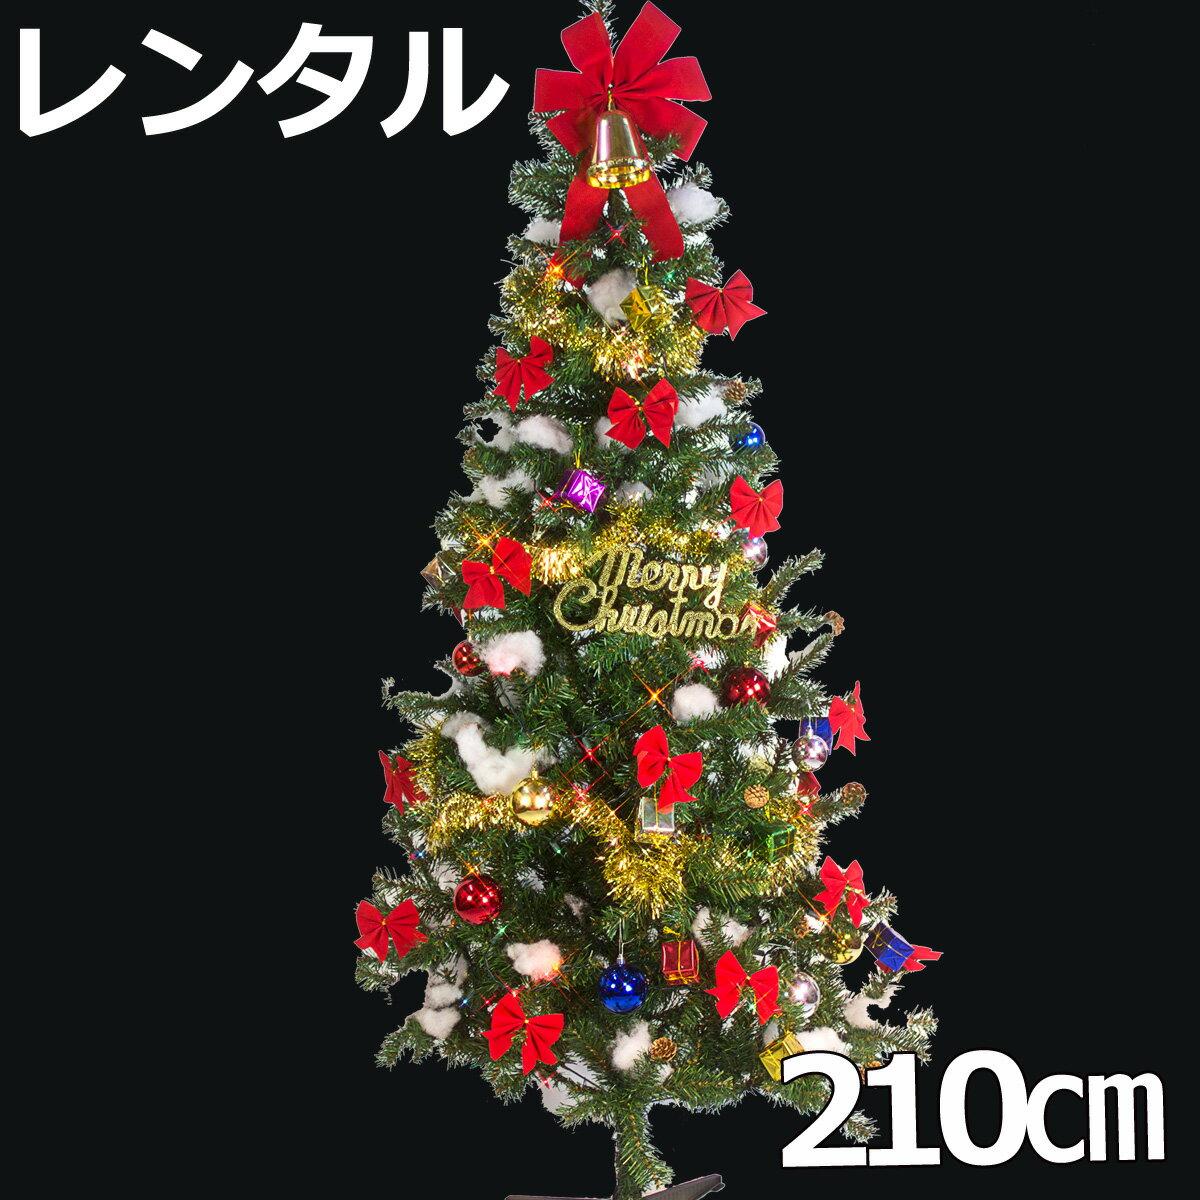 【8/8〜8/16】夏期休暇 【レンタル】 クリスマスツリー セット 210cm ファミリーツリー 【往復 送料無料】 クリスマスツリー レンタル fy16REN07